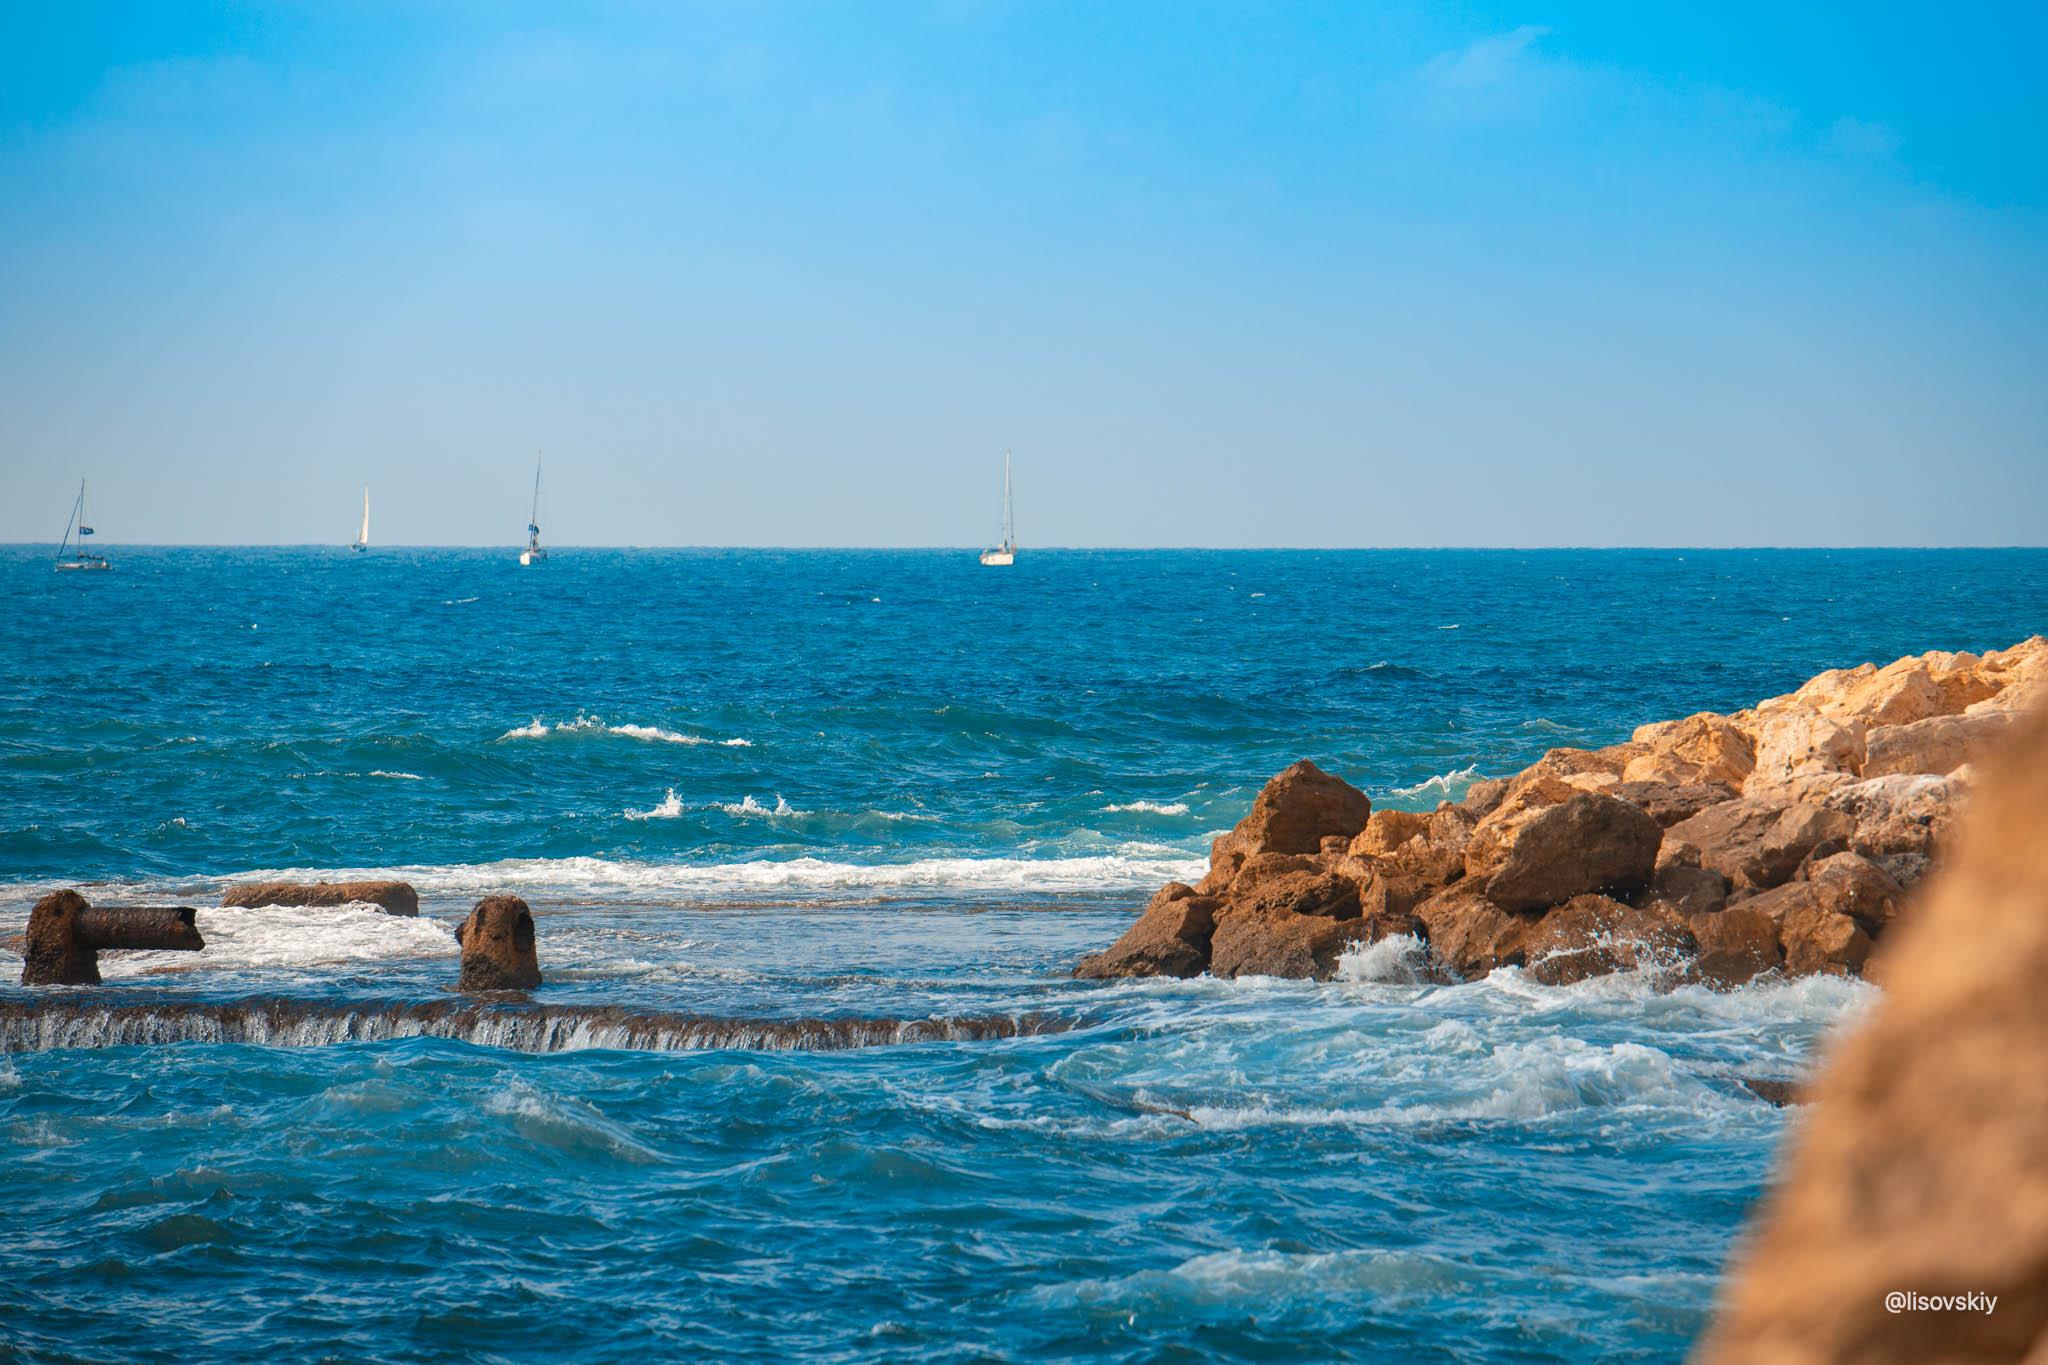 Средиземное море, вид со стороны Яффо, Тель-Авив, Израиль